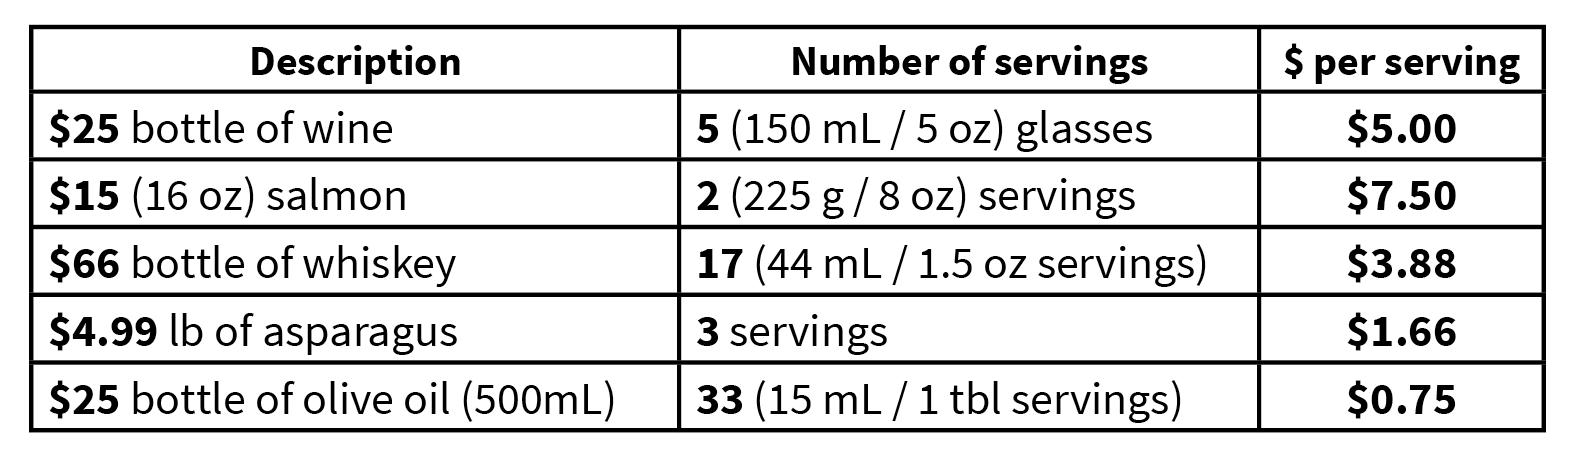 Cost-per-serving-1